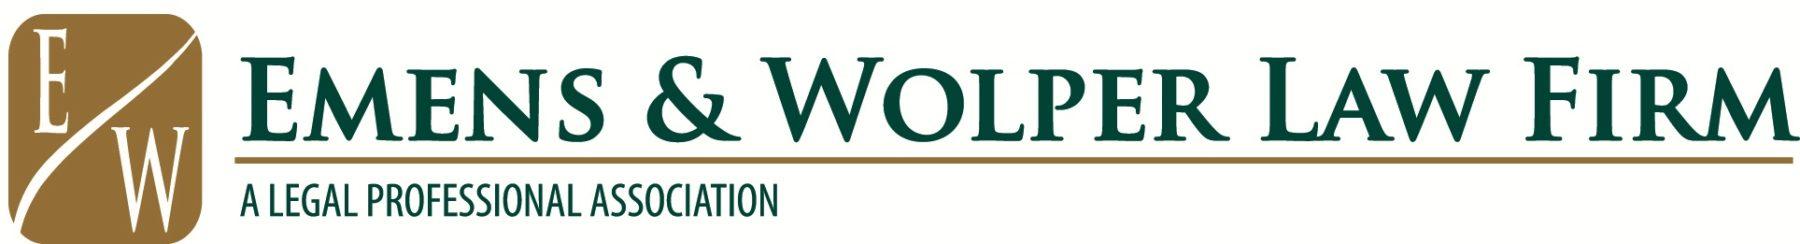 emen_wolper_logo (5)